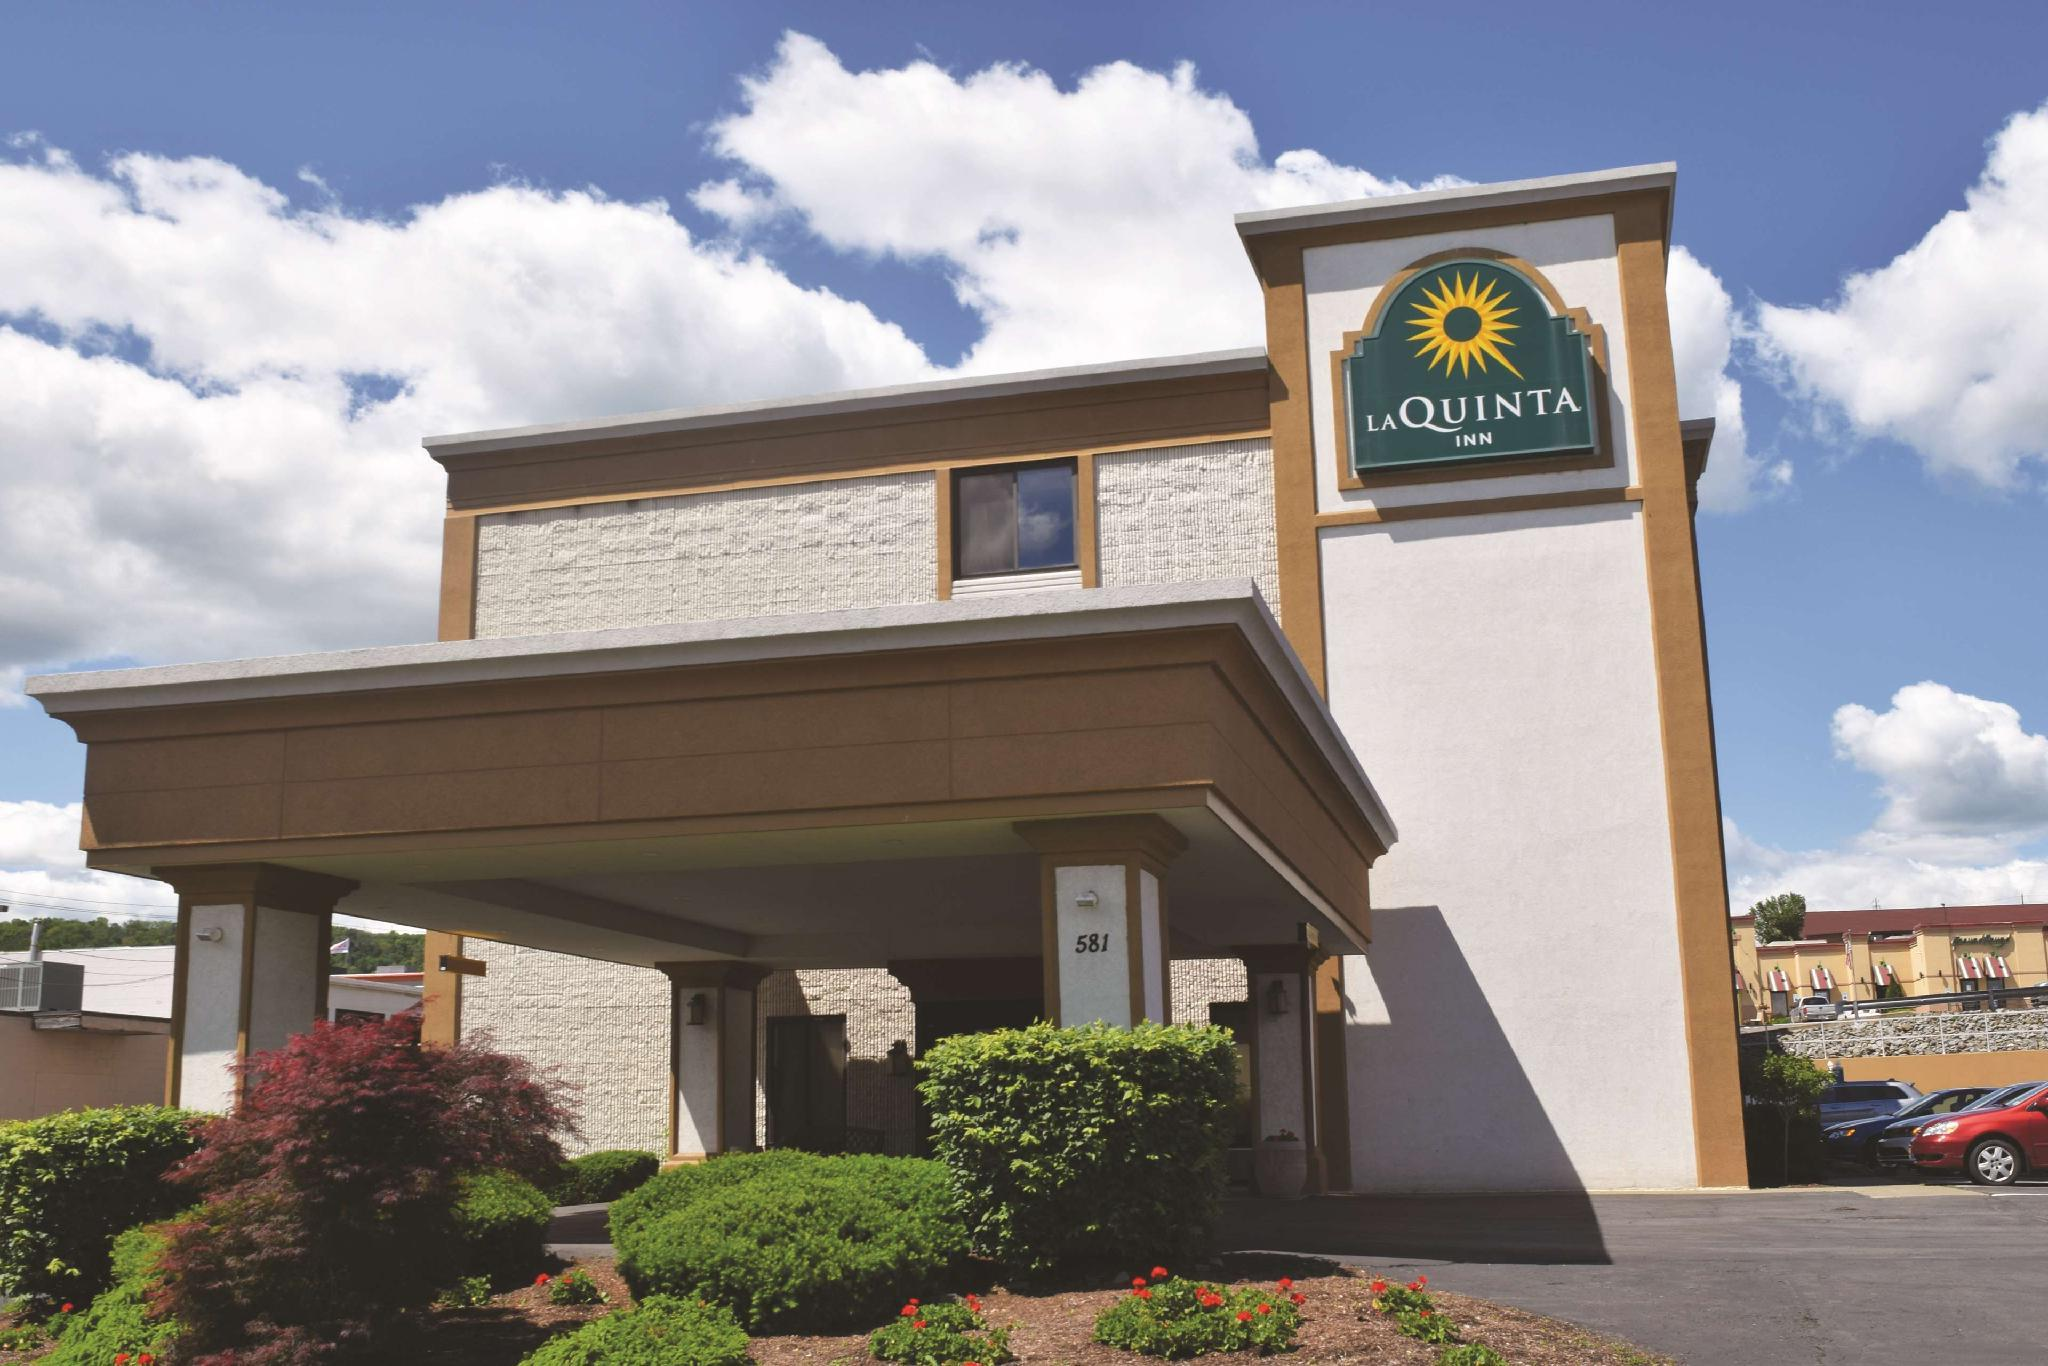 La Quinta Inn By Wyndham Binghamton   Johnson City